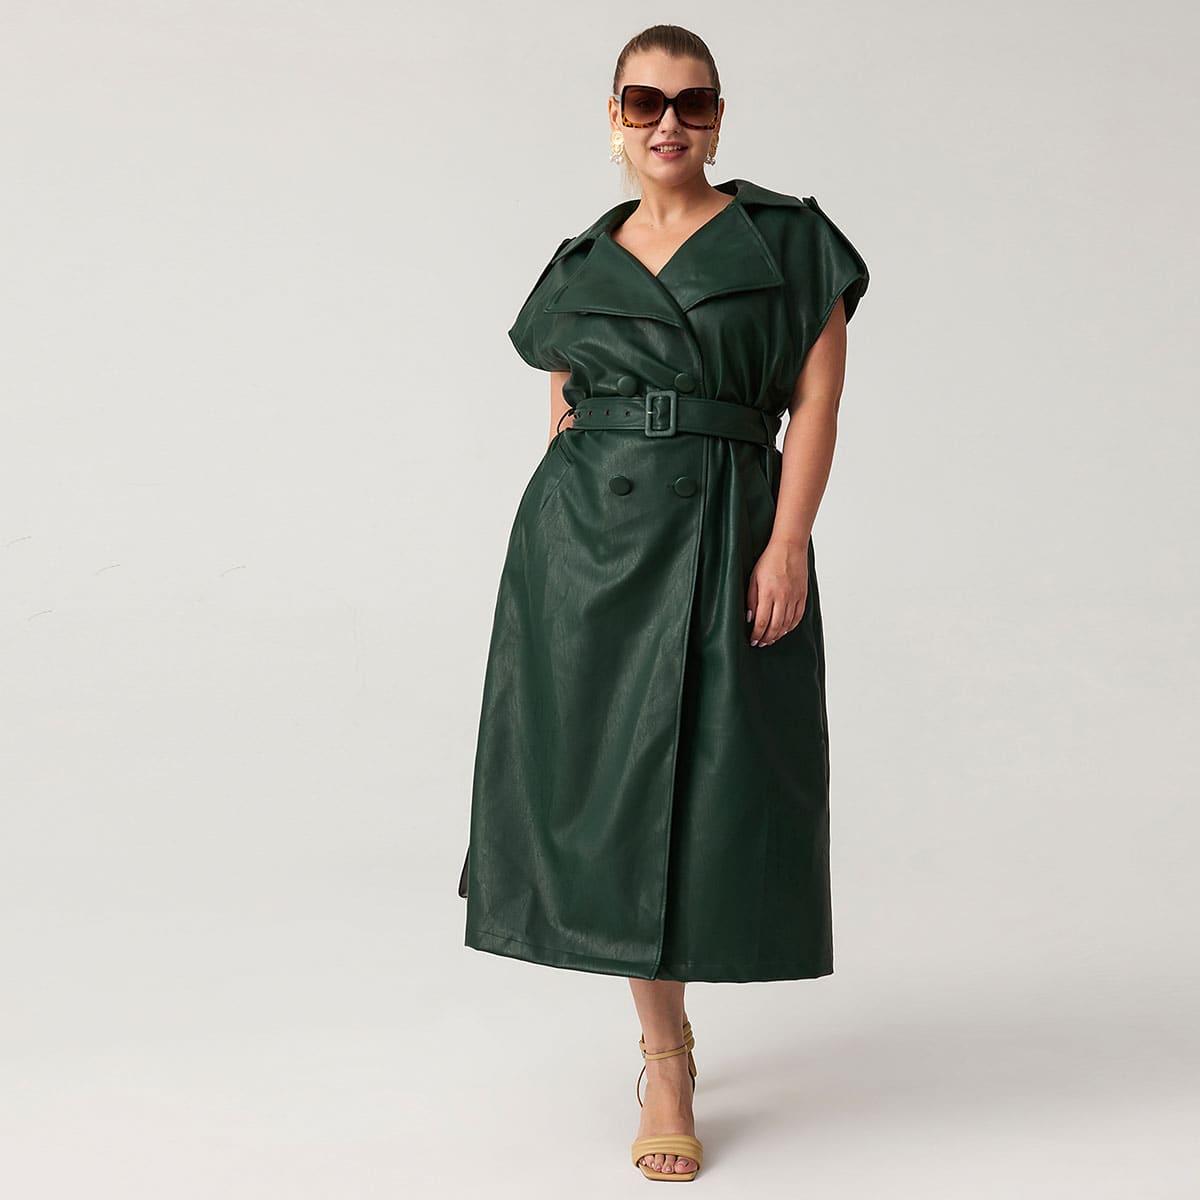 Платье оверсайз из искусственной кожи с поясом размера плюс